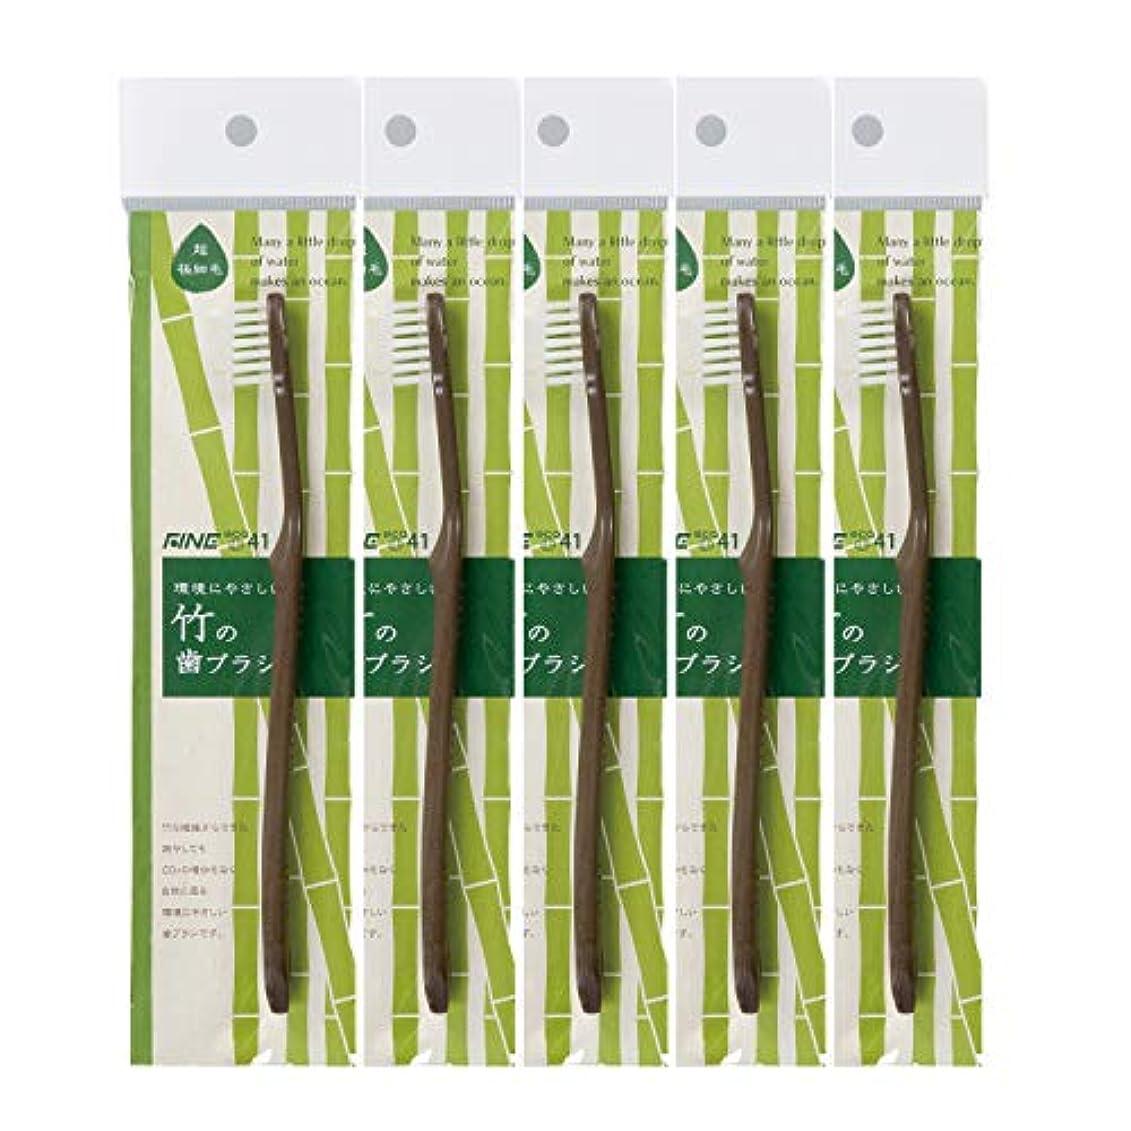 暫定のガムおとなしい【FINE ファイン】FINEeco41 竹の歯ブラシ 超極細毛タイプ 5本セット